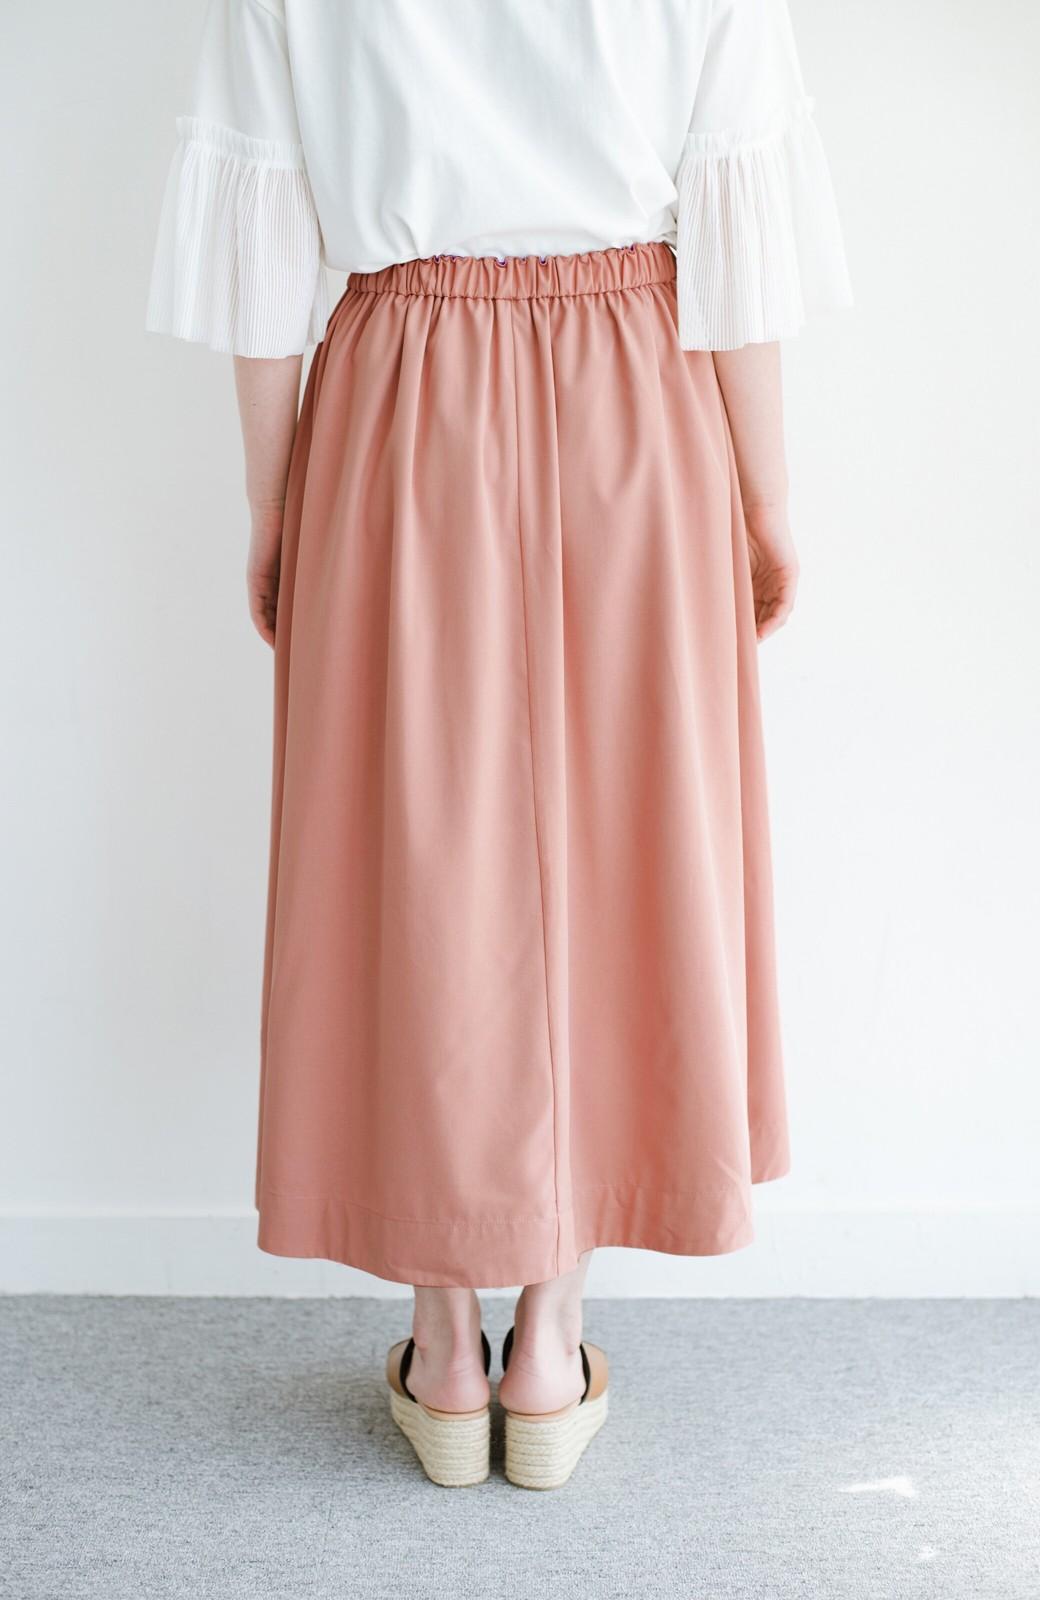 haco! オフィスにもデートにも! 便利なのはきれいに見えて楽ちんなリバーシブルスカート <ピンク系その他>の商品写真11